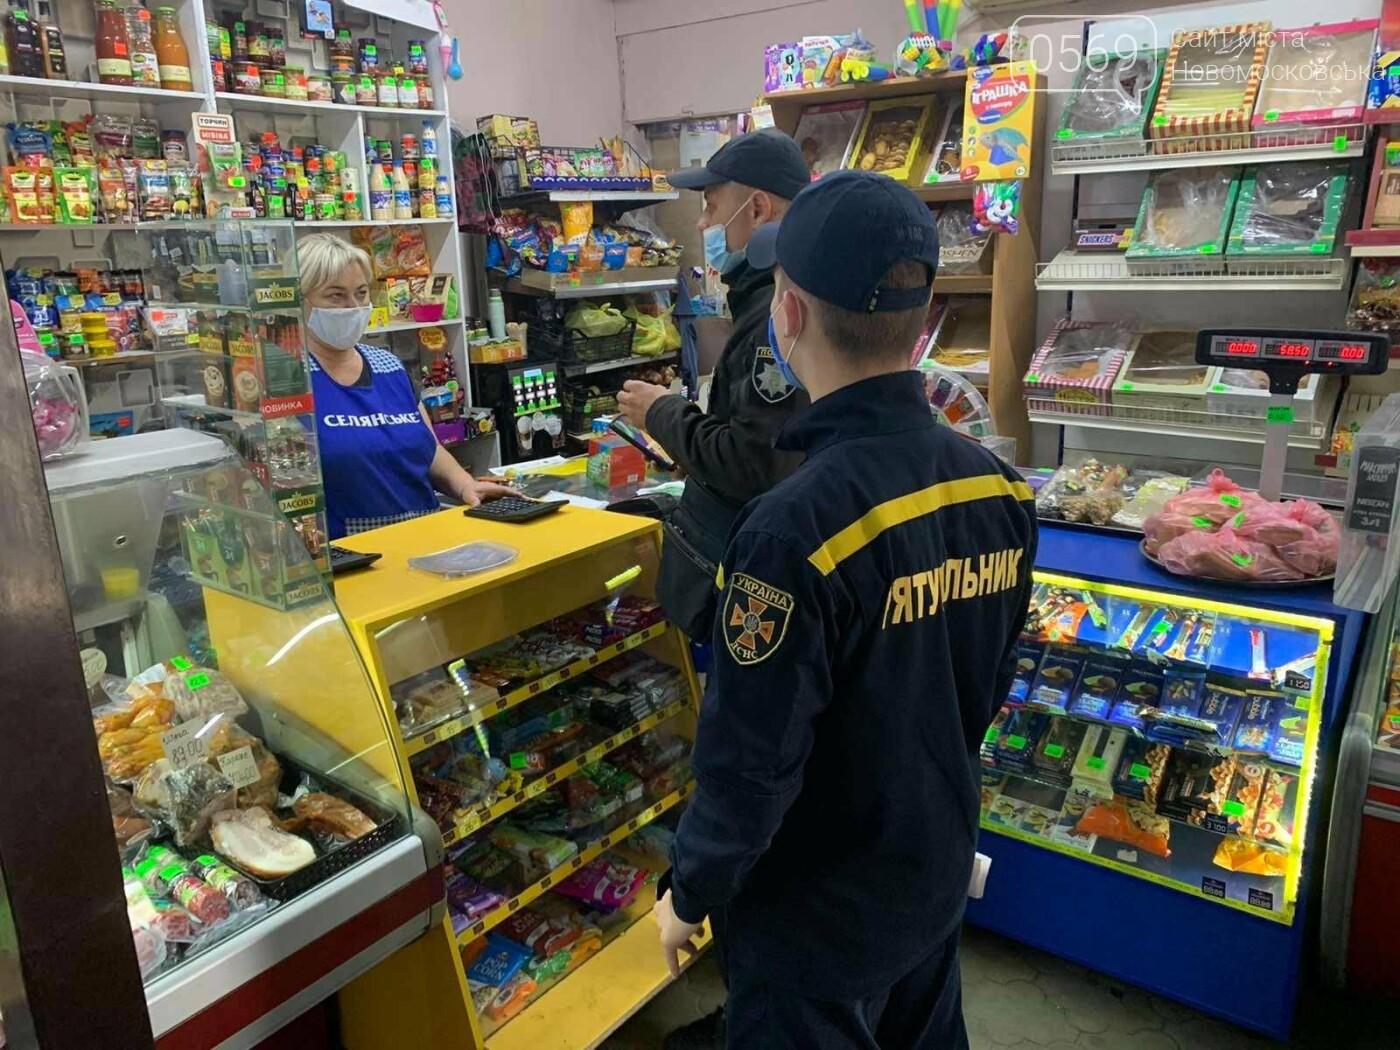 """У Новомосковську на дотримання карантинних заходів перевіряють об""""єкти торгівлі, фото-2"""